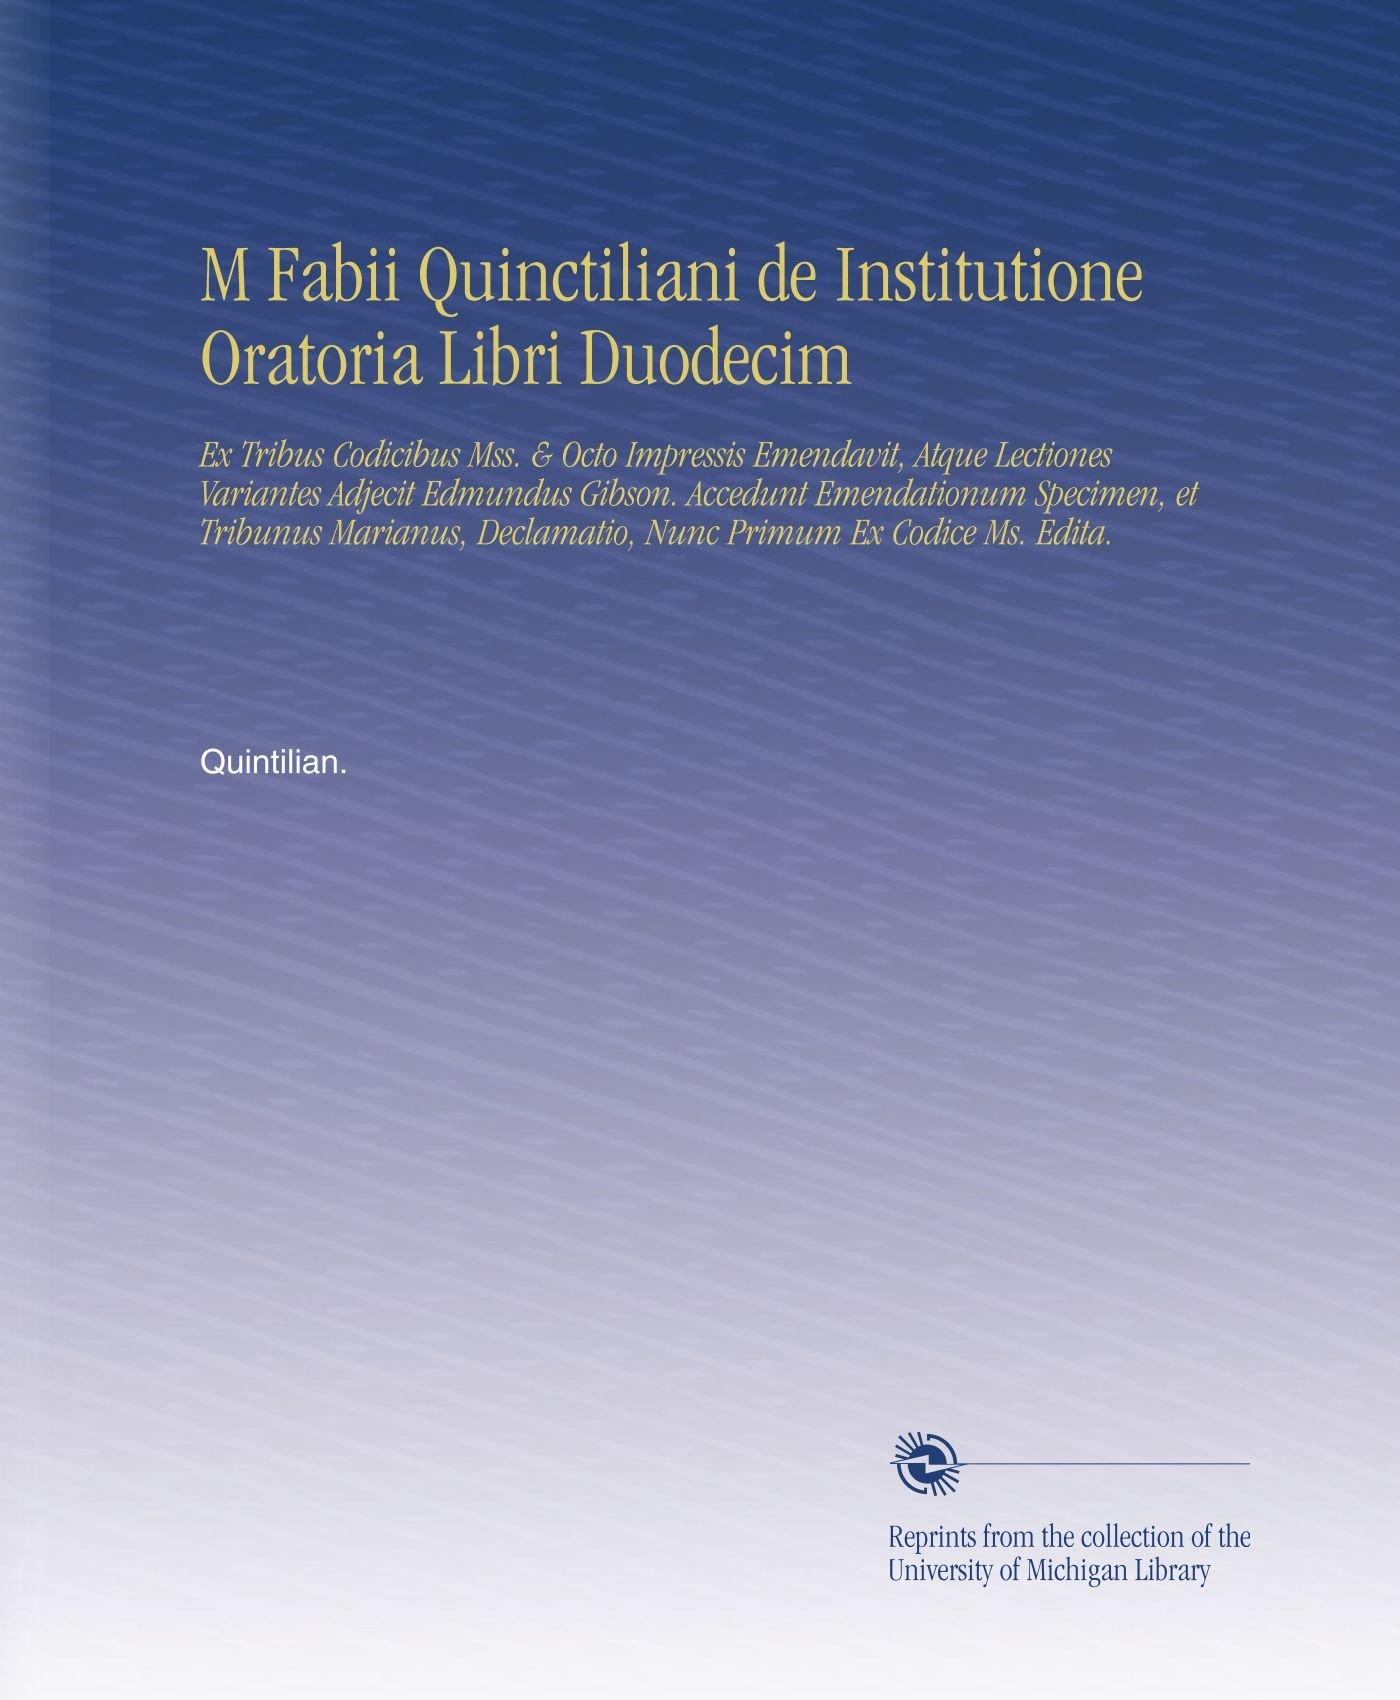 Read Online M Fabii Quinctiliani de Institutione Oratoria Libri Duodecim: Ex Tribus Codicibus Mss. & Octo Impressis Emendavit, Atque Lectiones Variantes Adjecit ... Primum Ex Codice Ms. Edita. (Latin Edition) pdf